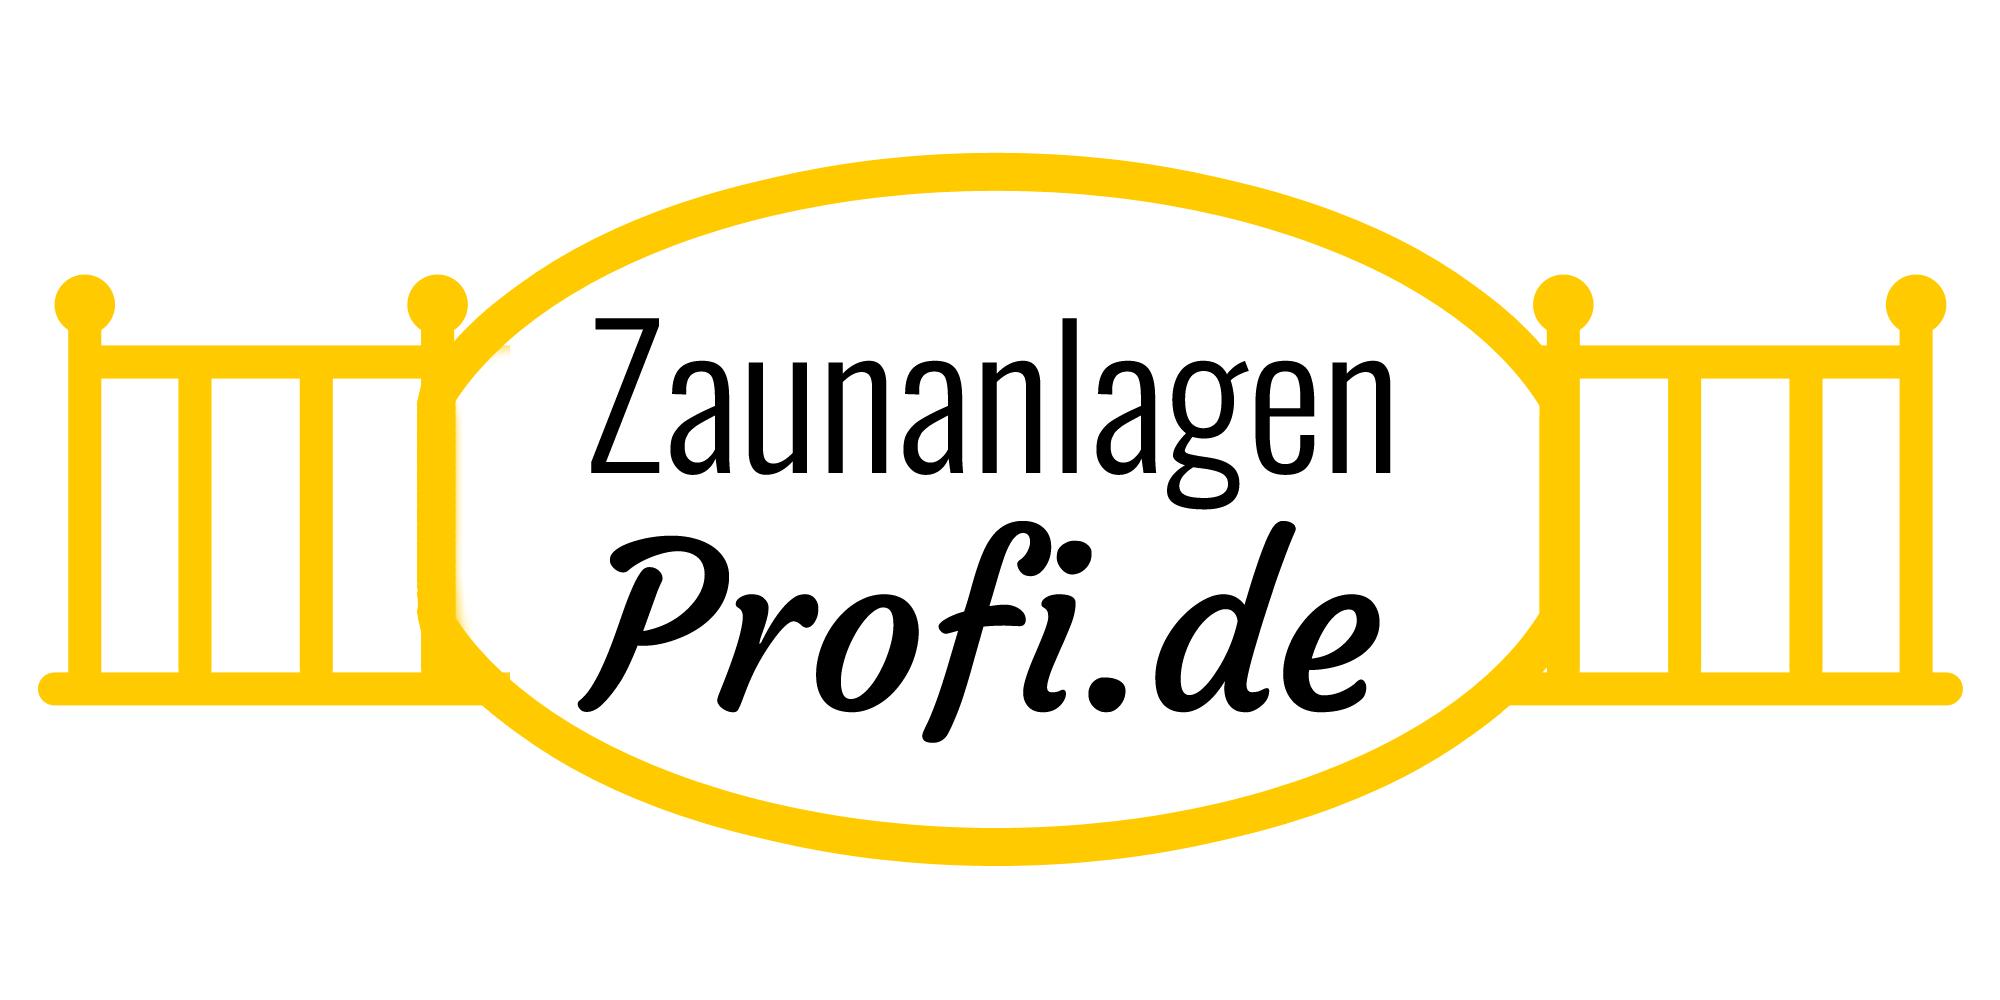 Zaunanlagen-Profi.de - Der Experte für Gartenzäune, Gabionen, Tore und mehr.